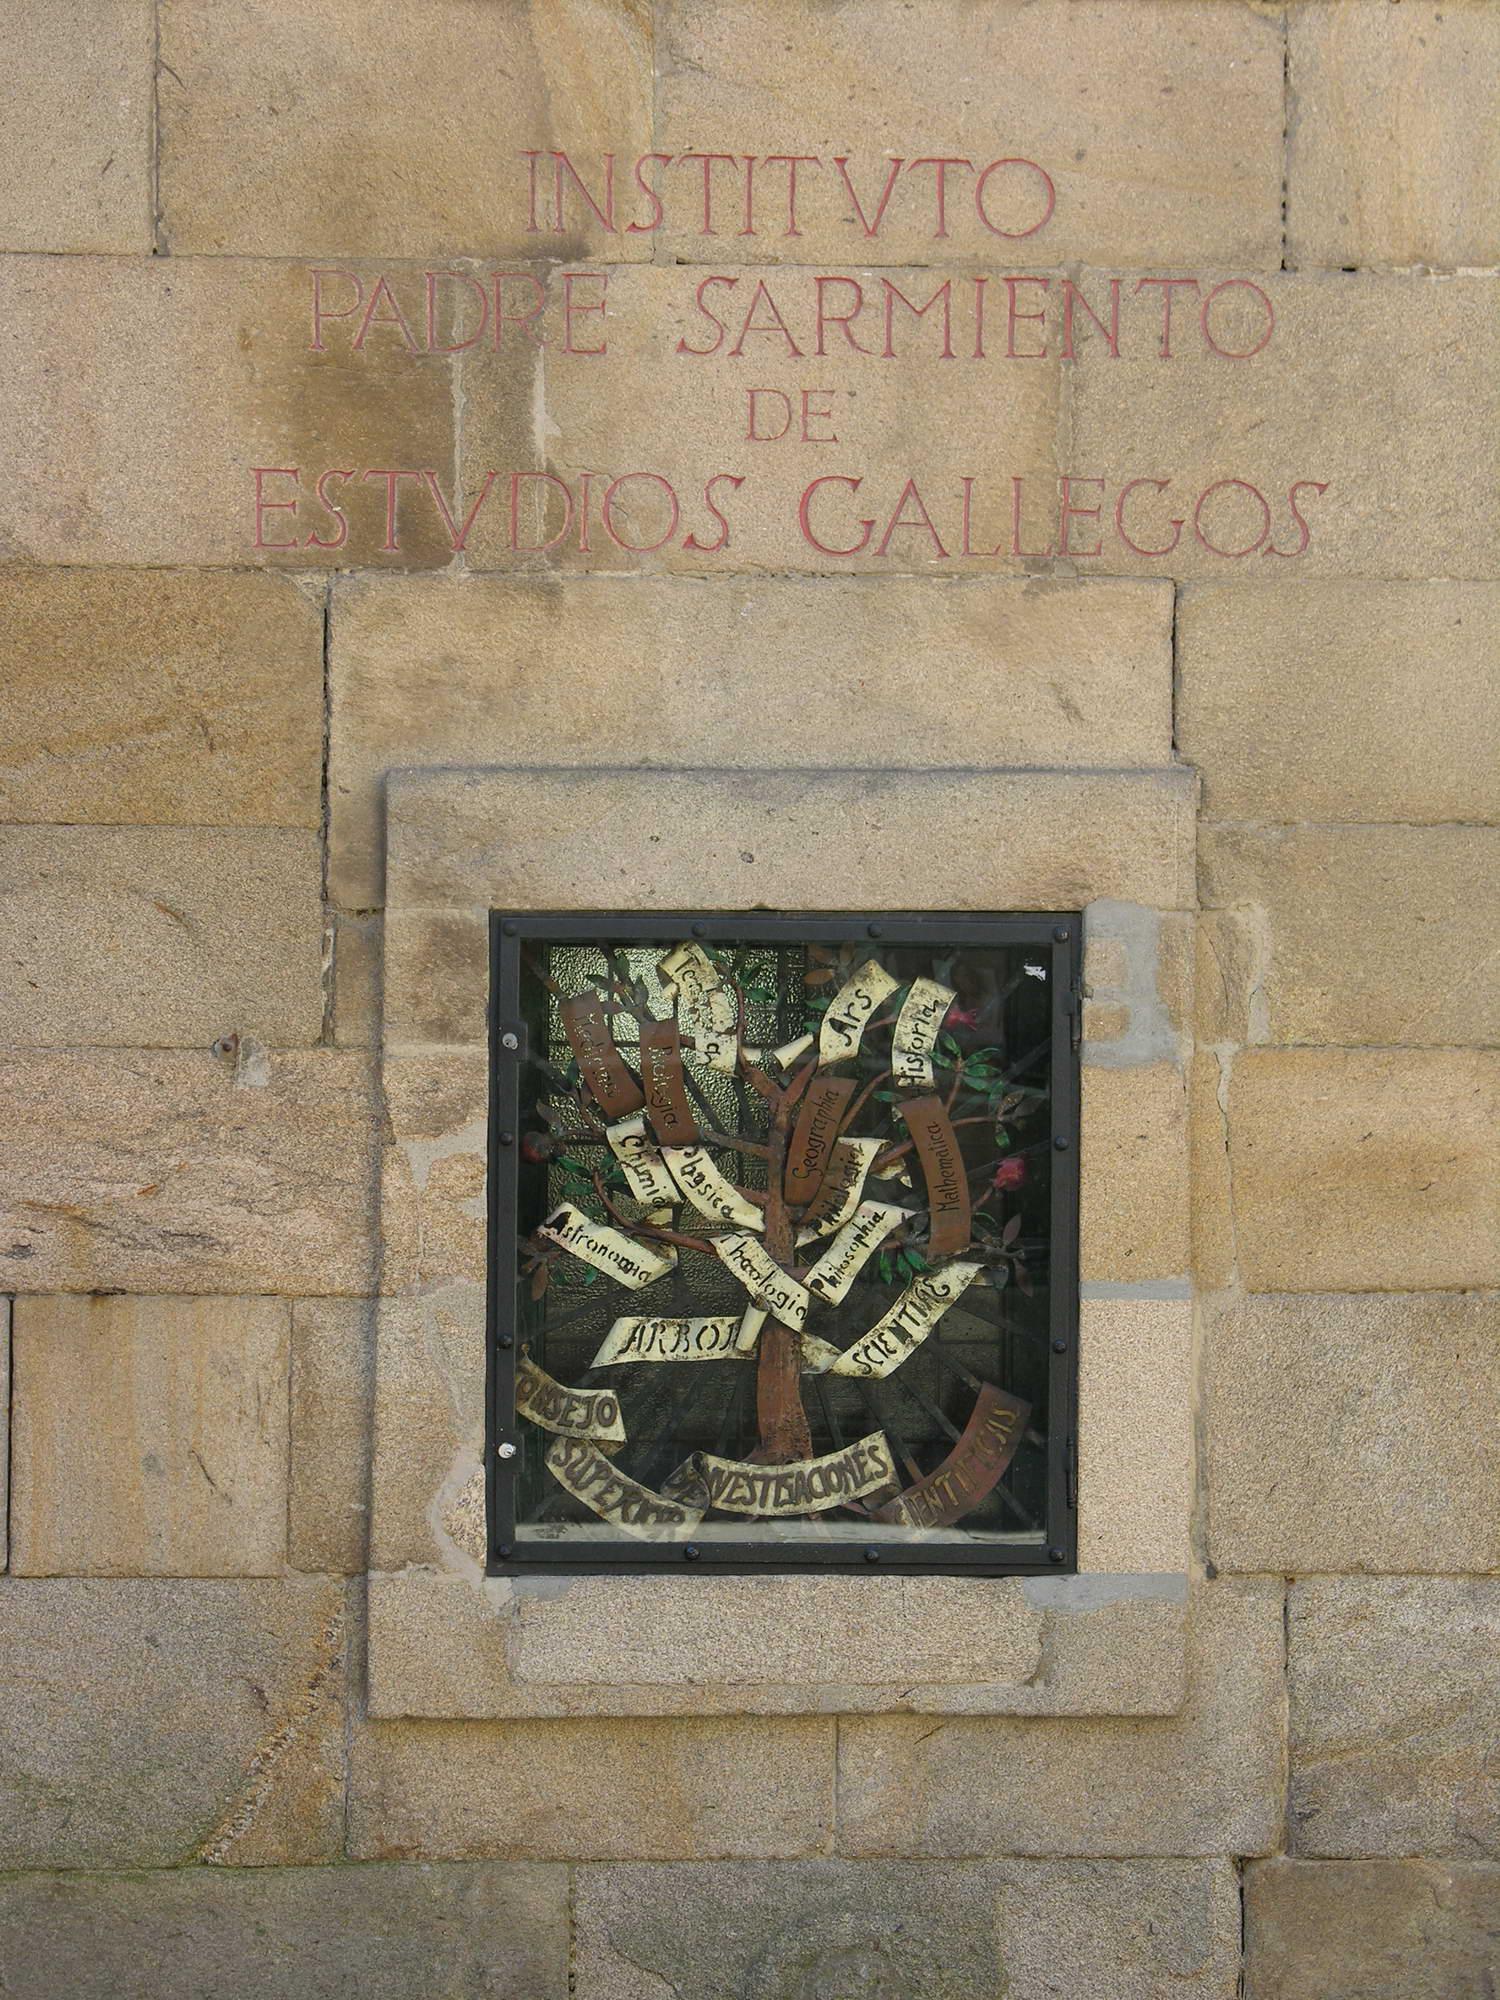 Instituto_Padre_Sarmiento_de_Estudos_Galegos_2.jpg